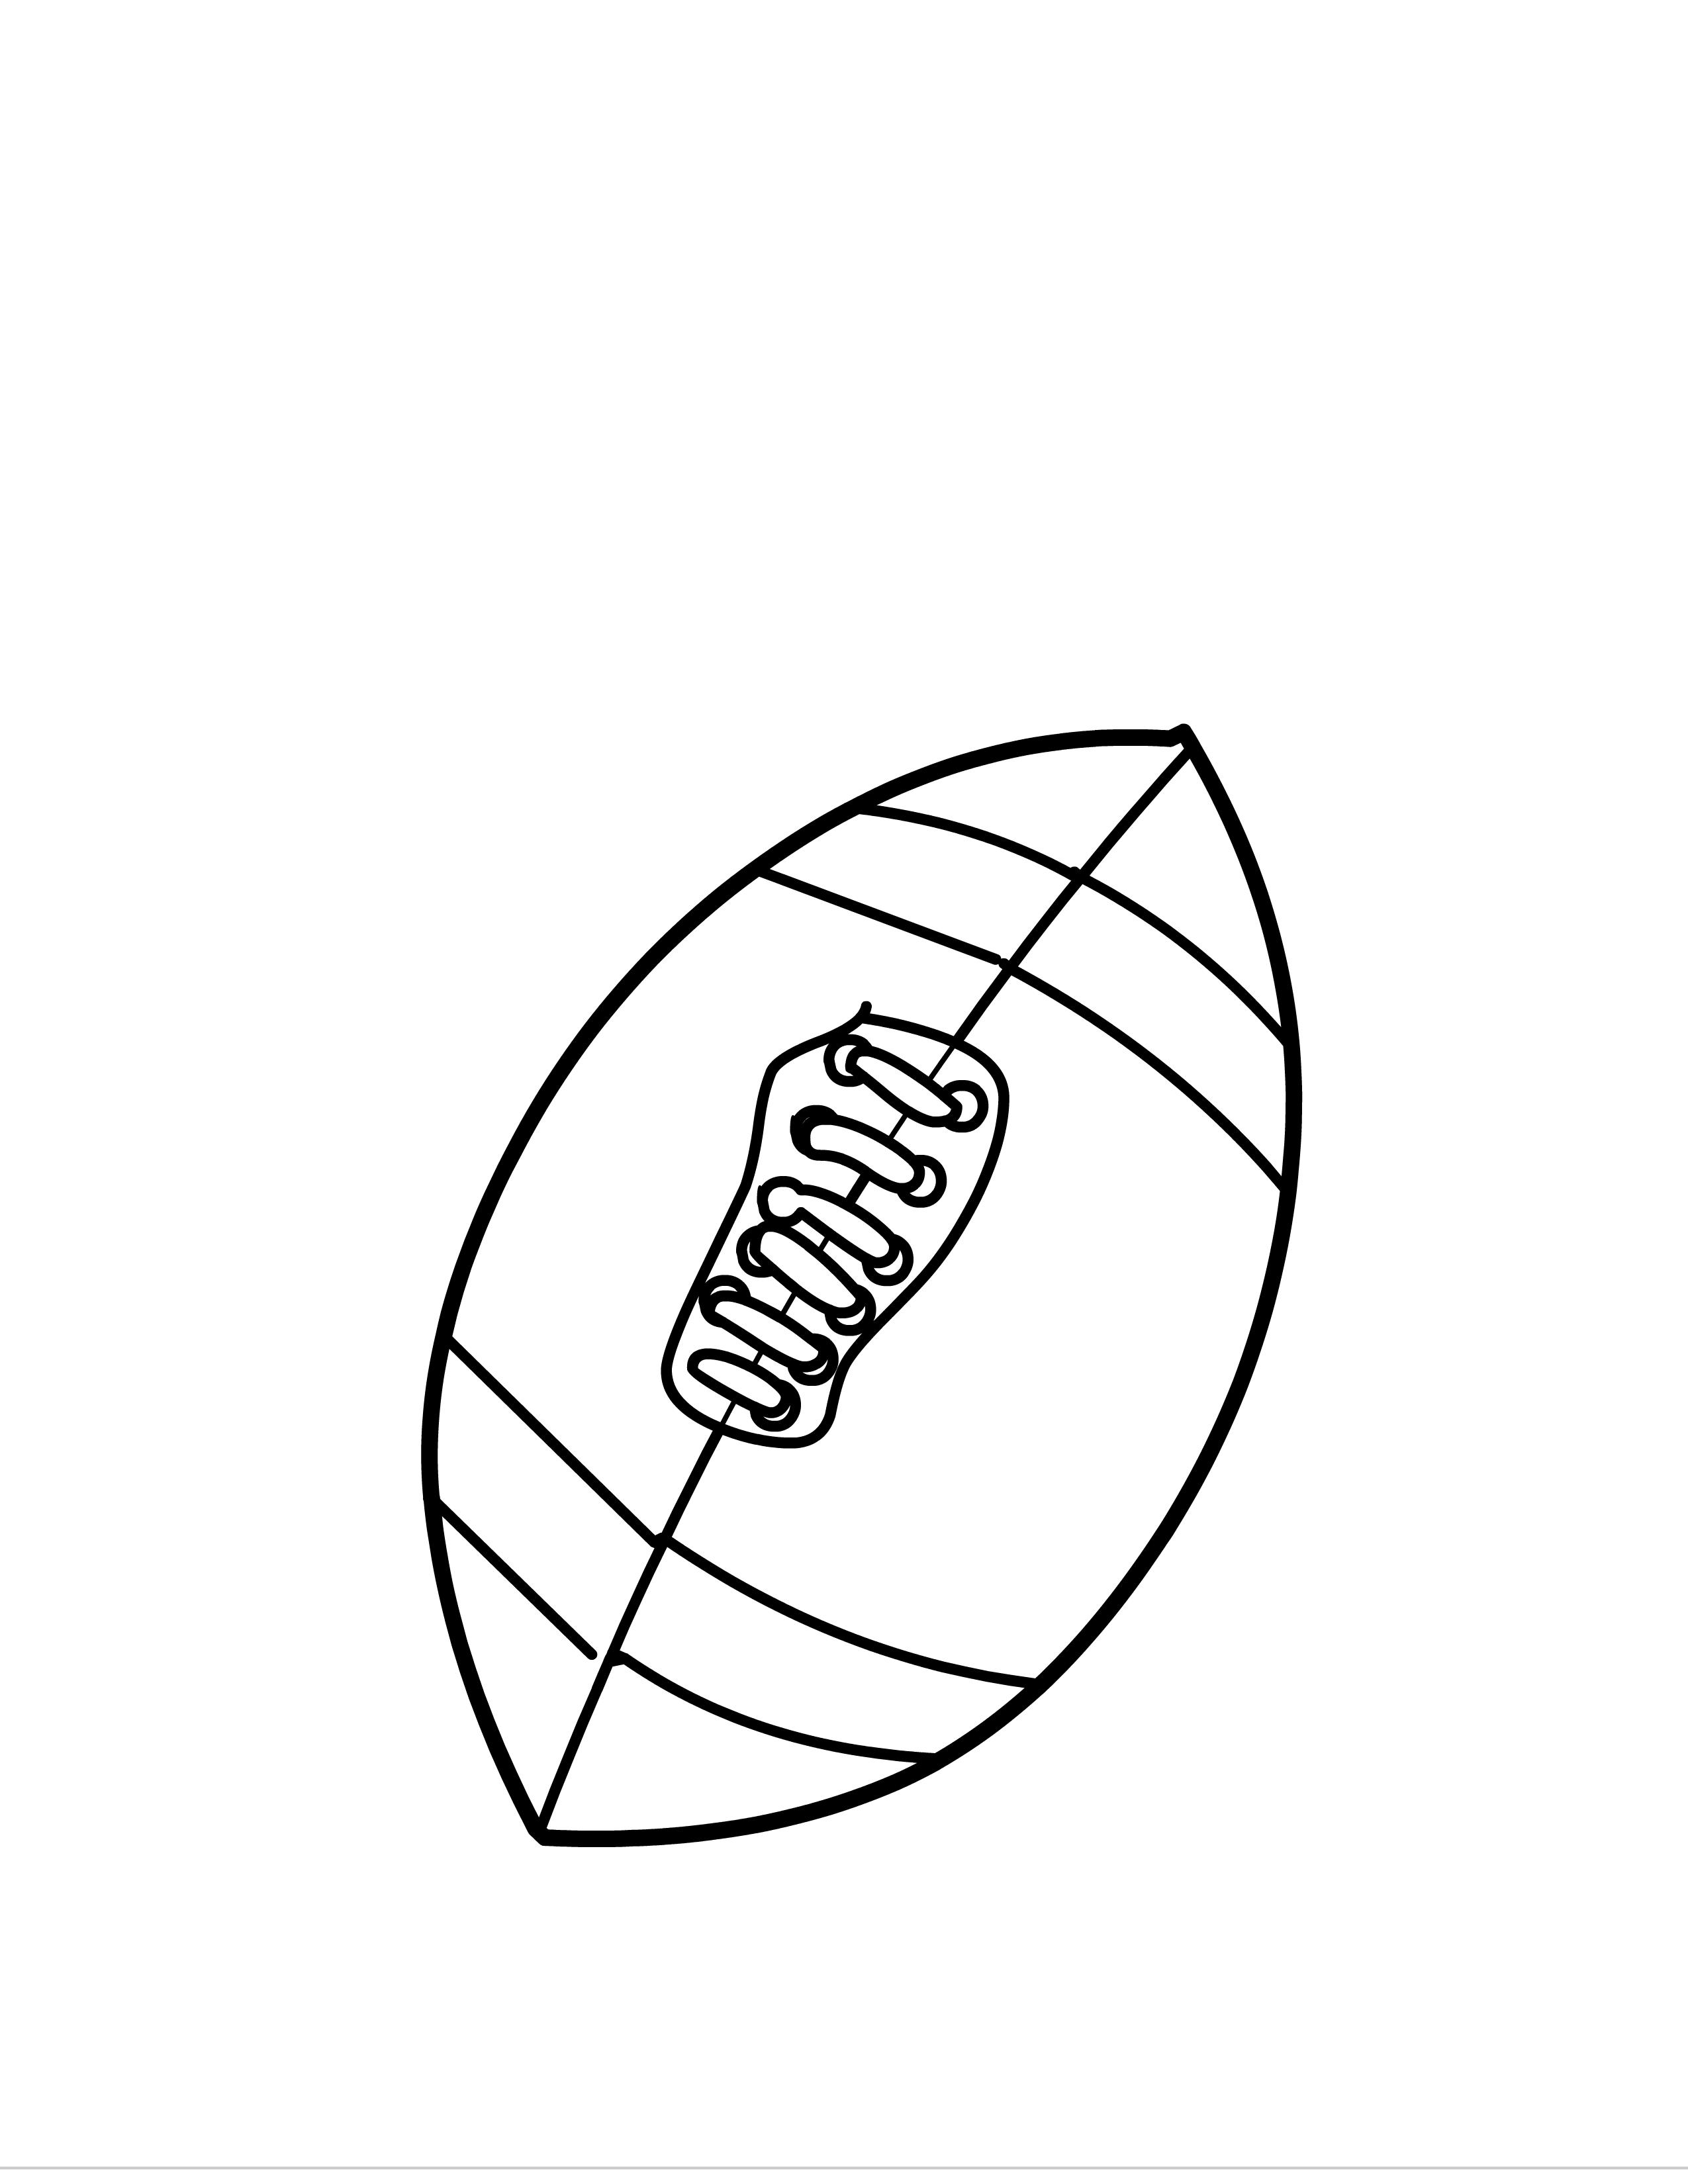 Tranh tô màu quả bóng bầu dục